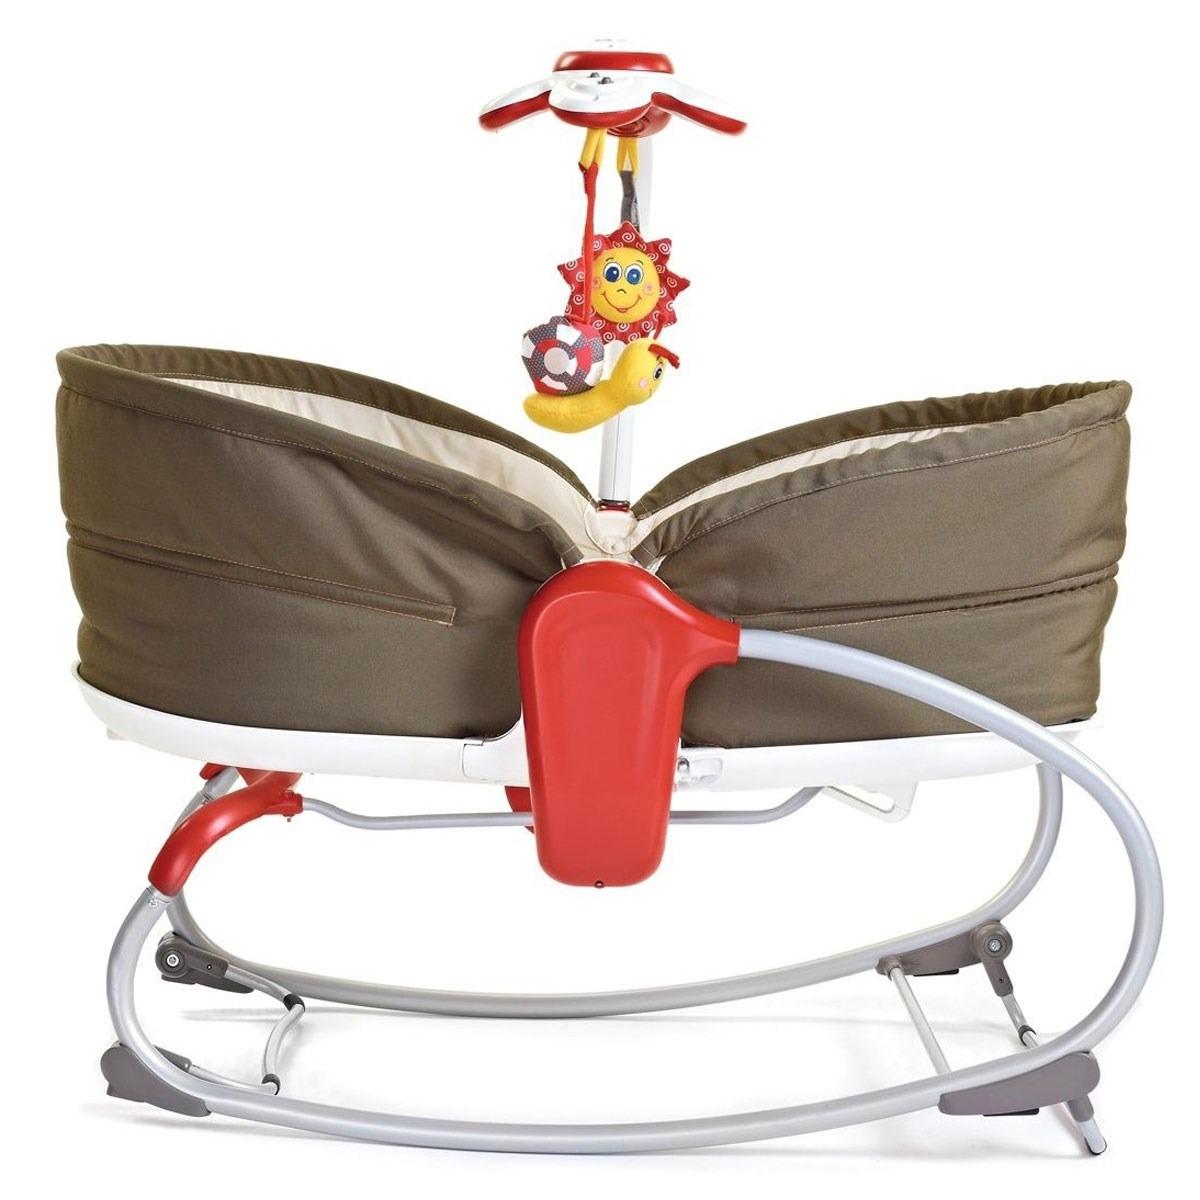 Cadeira De Balanço E Berço Portátil 3 Em 1 Rocker Nappe R$ 609 90  #B58B16 1200x1200